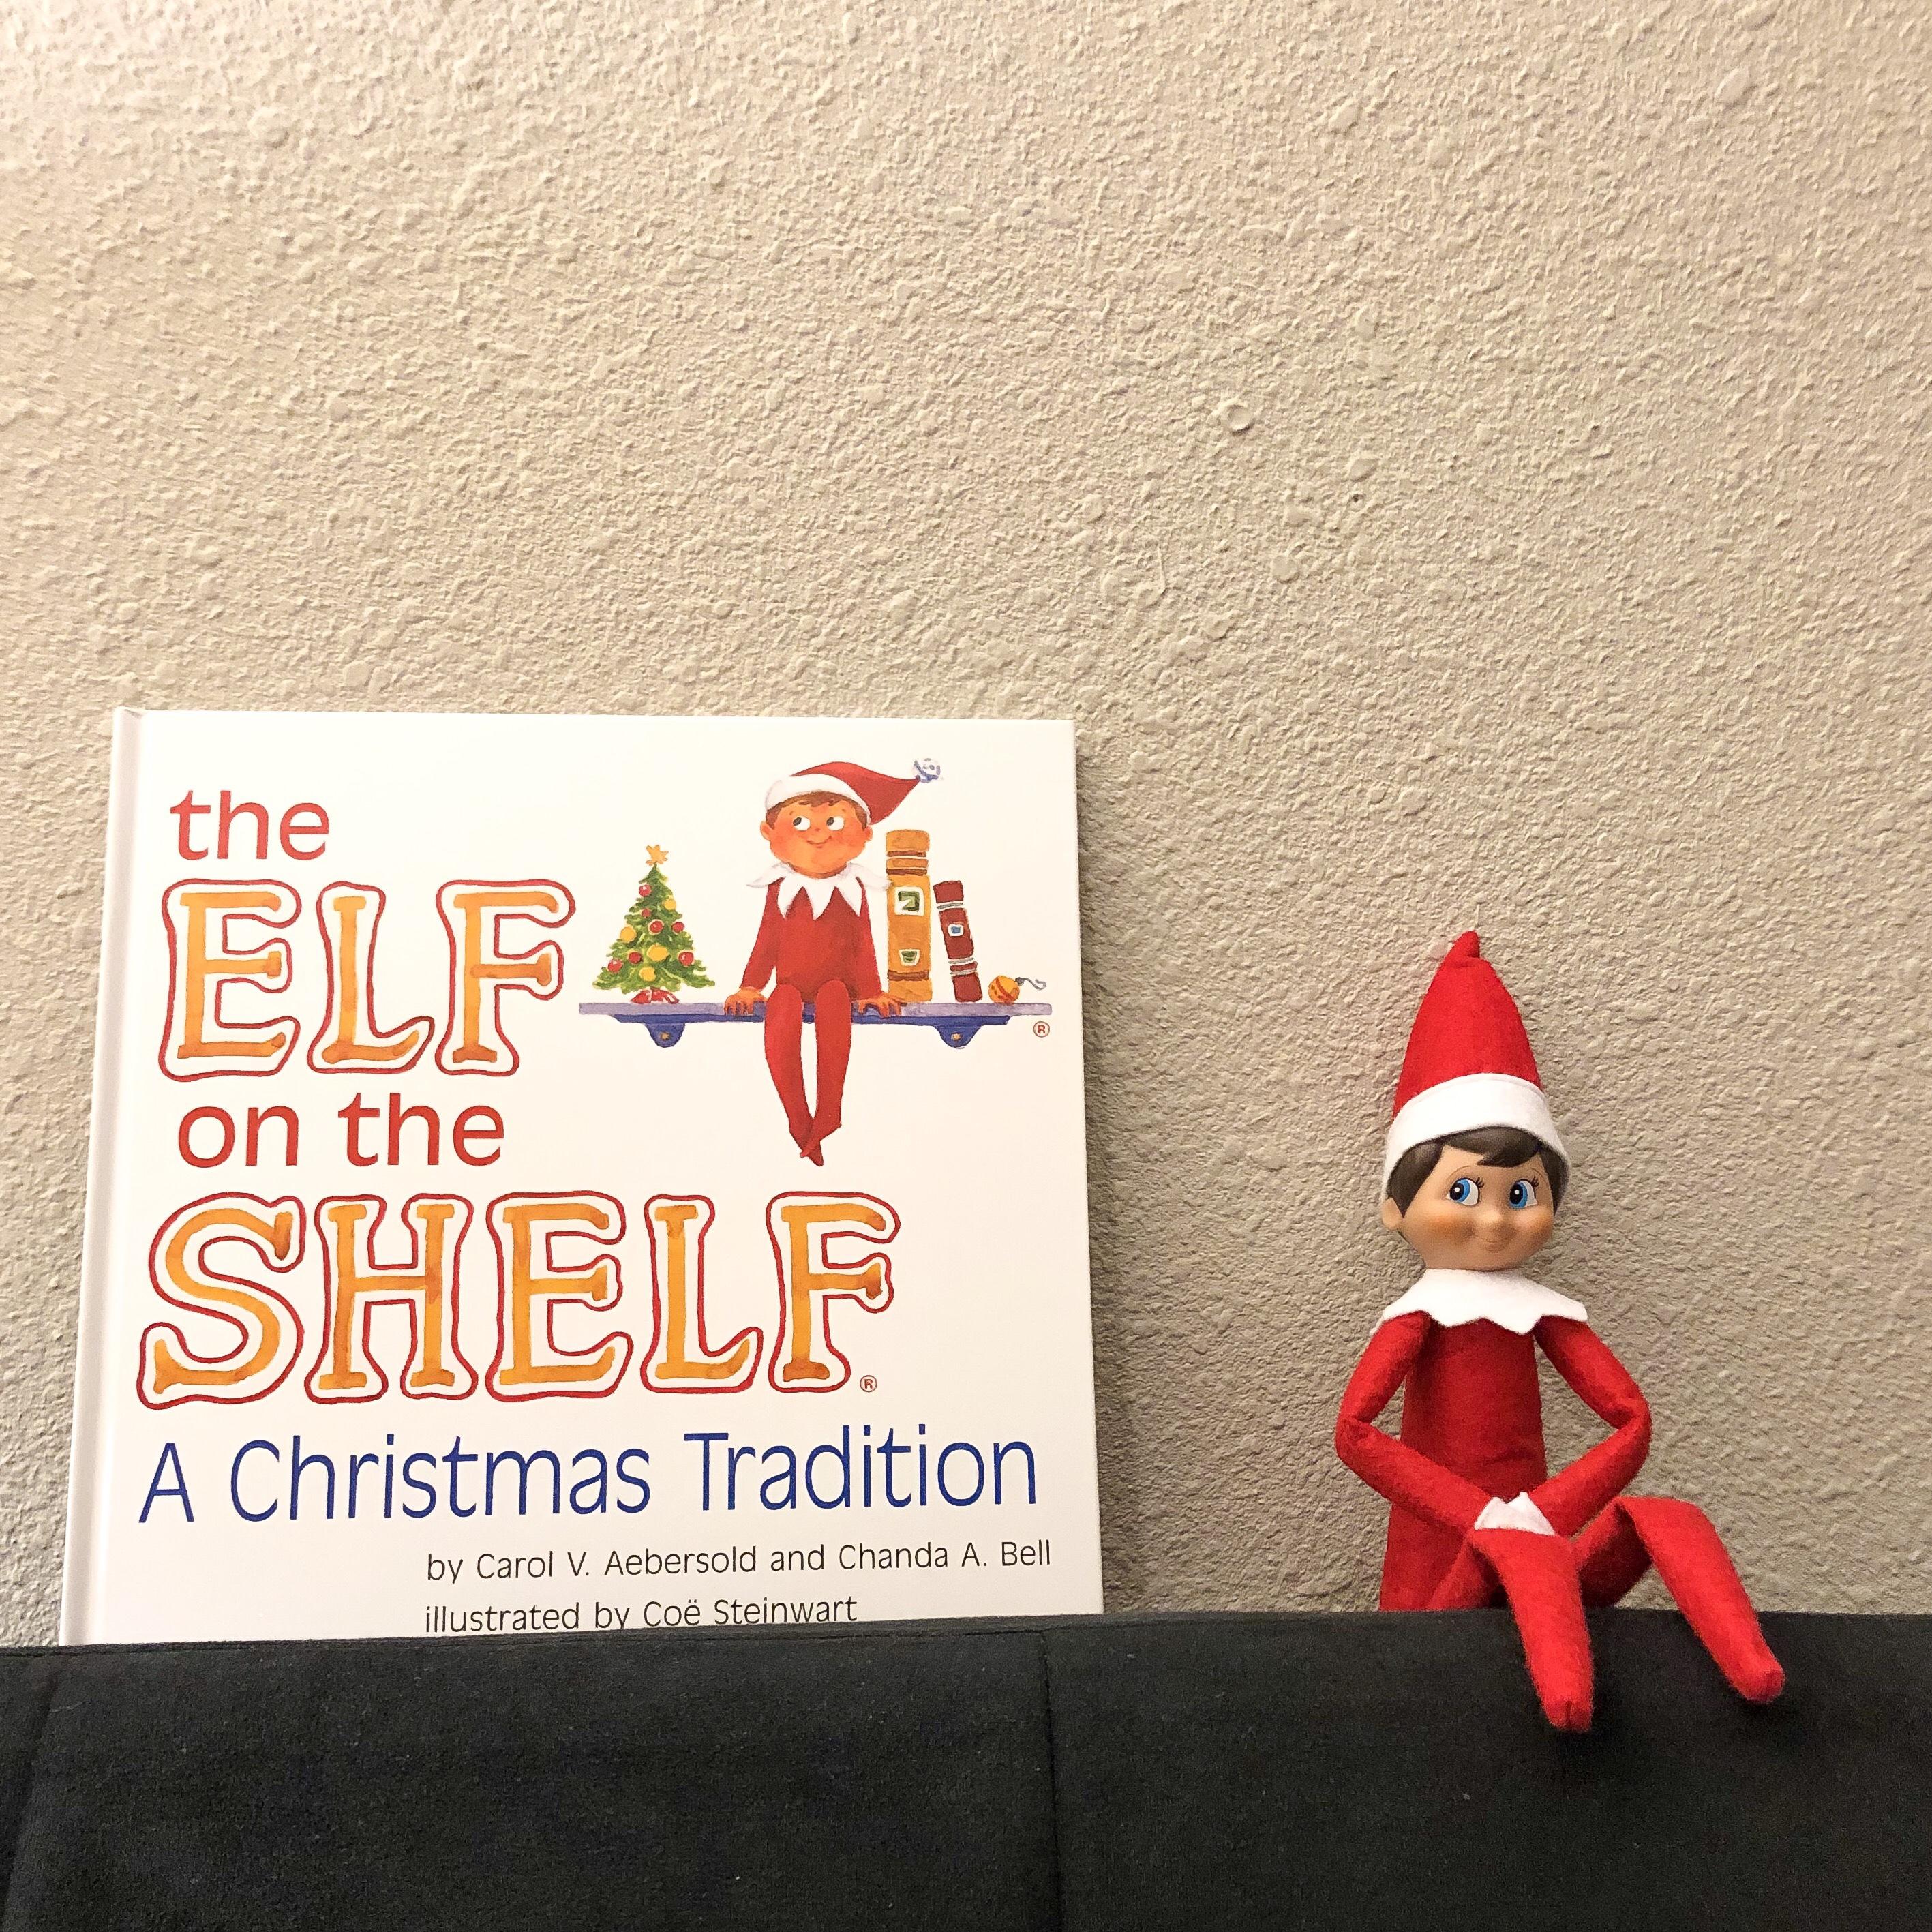 elf on the shelf elfe sur l'étagère tradition noël